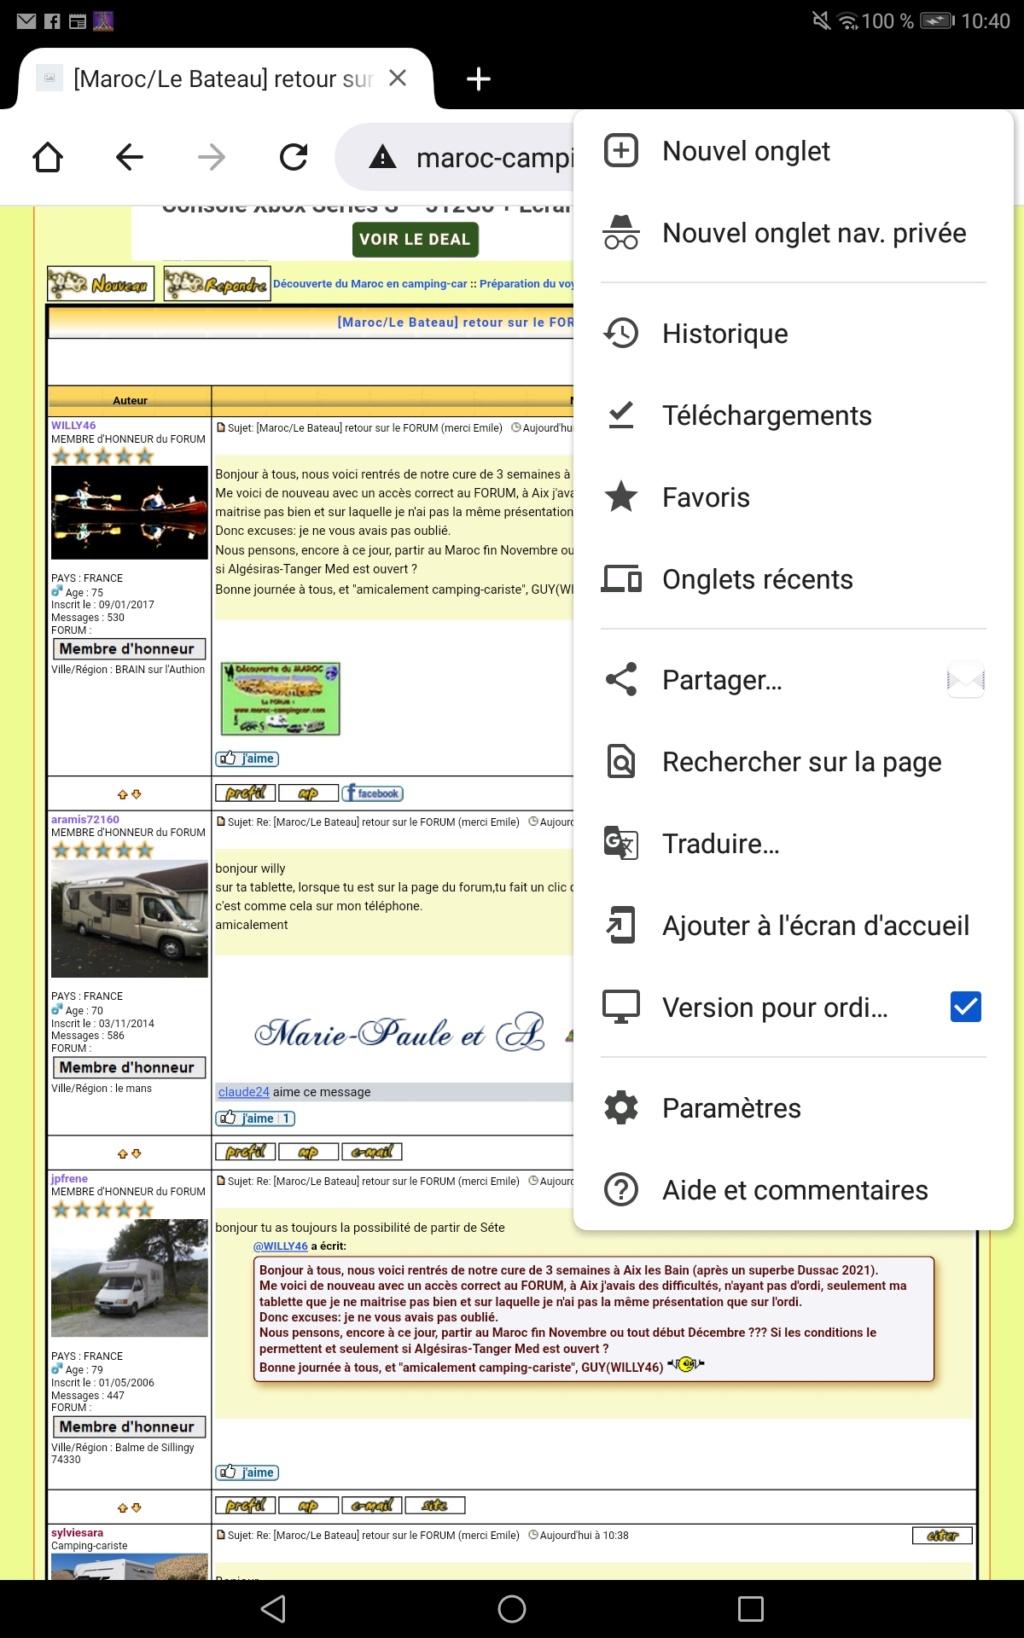 [Maroc/Le Bateau]  retour sur le FORUM (merci Emile) Screen36